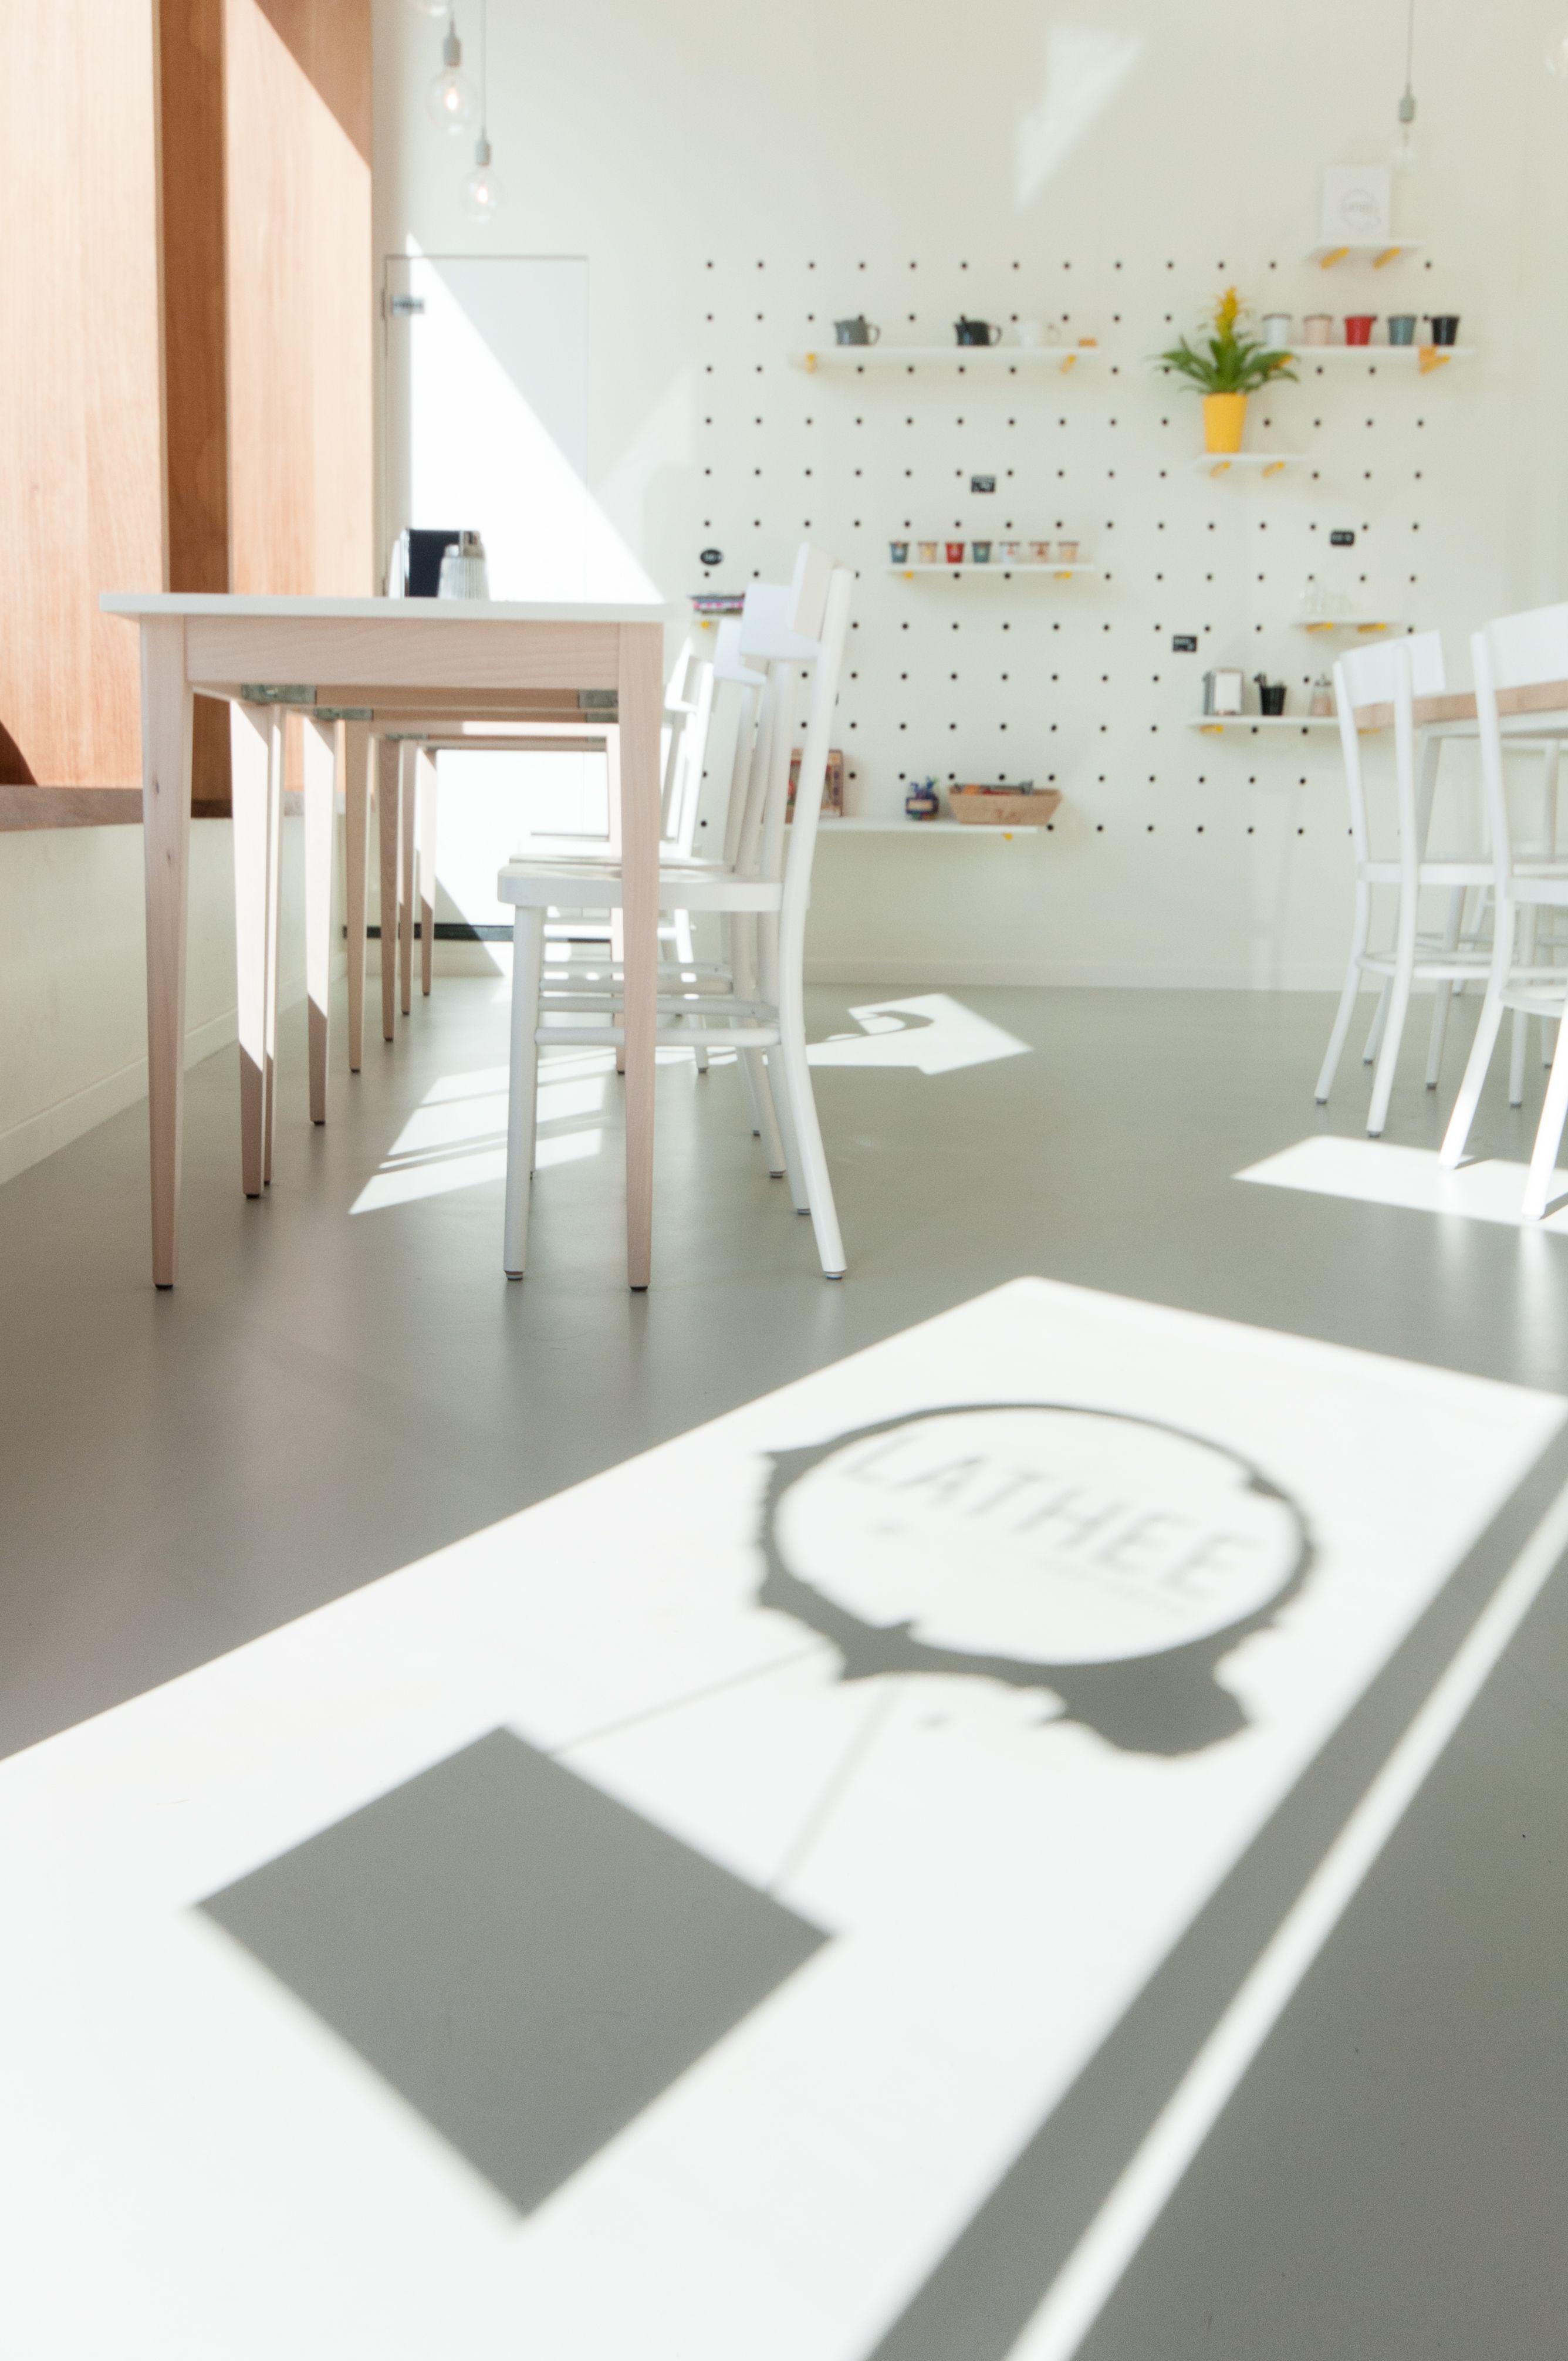 Lathee Kaffee Geraardsbergen Kids Rugs Decor Home Decor